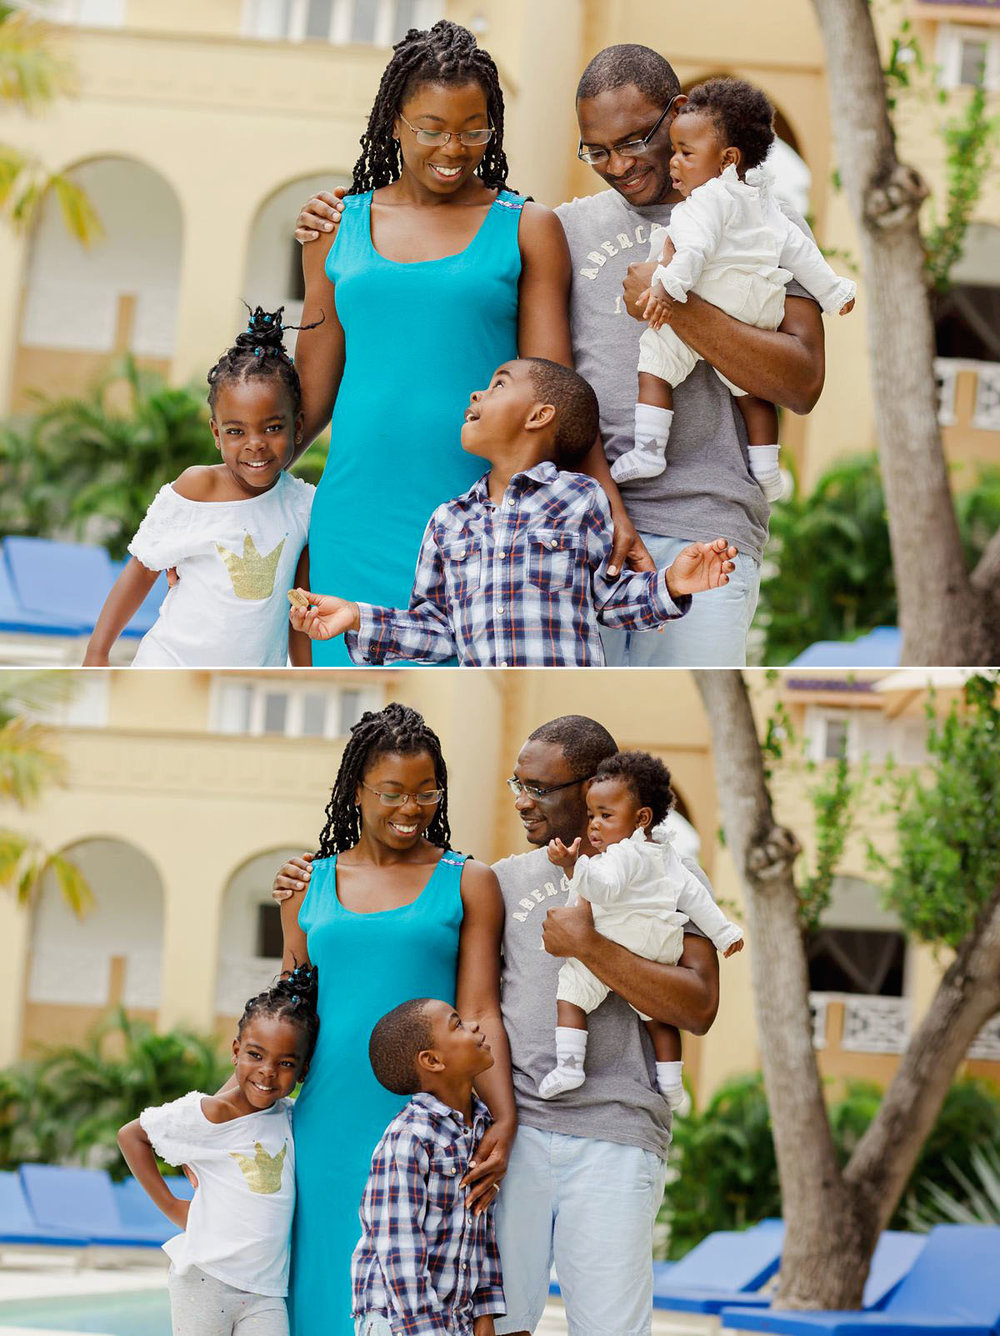 Medina Palms Family & Kids Photo Session, Watamu and Malindi photographer. Fine Art Family Photography in Medina Palms, Watamu Beach, Kenya. Watamu vacation photographer, Kenyan Coast family photographer